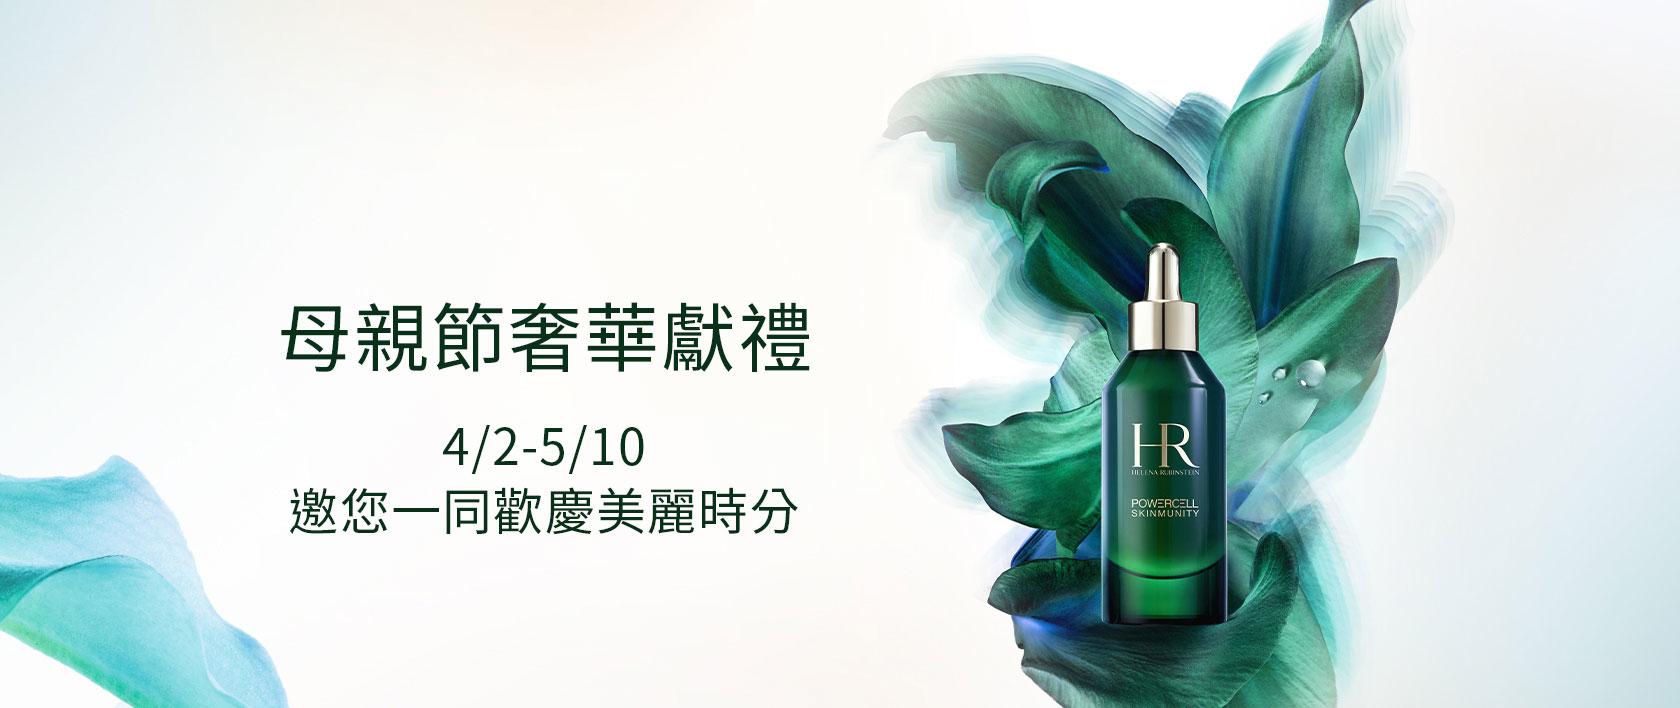 HR赫蓮娜2020/4/2-5/10母親節奢華獻禮